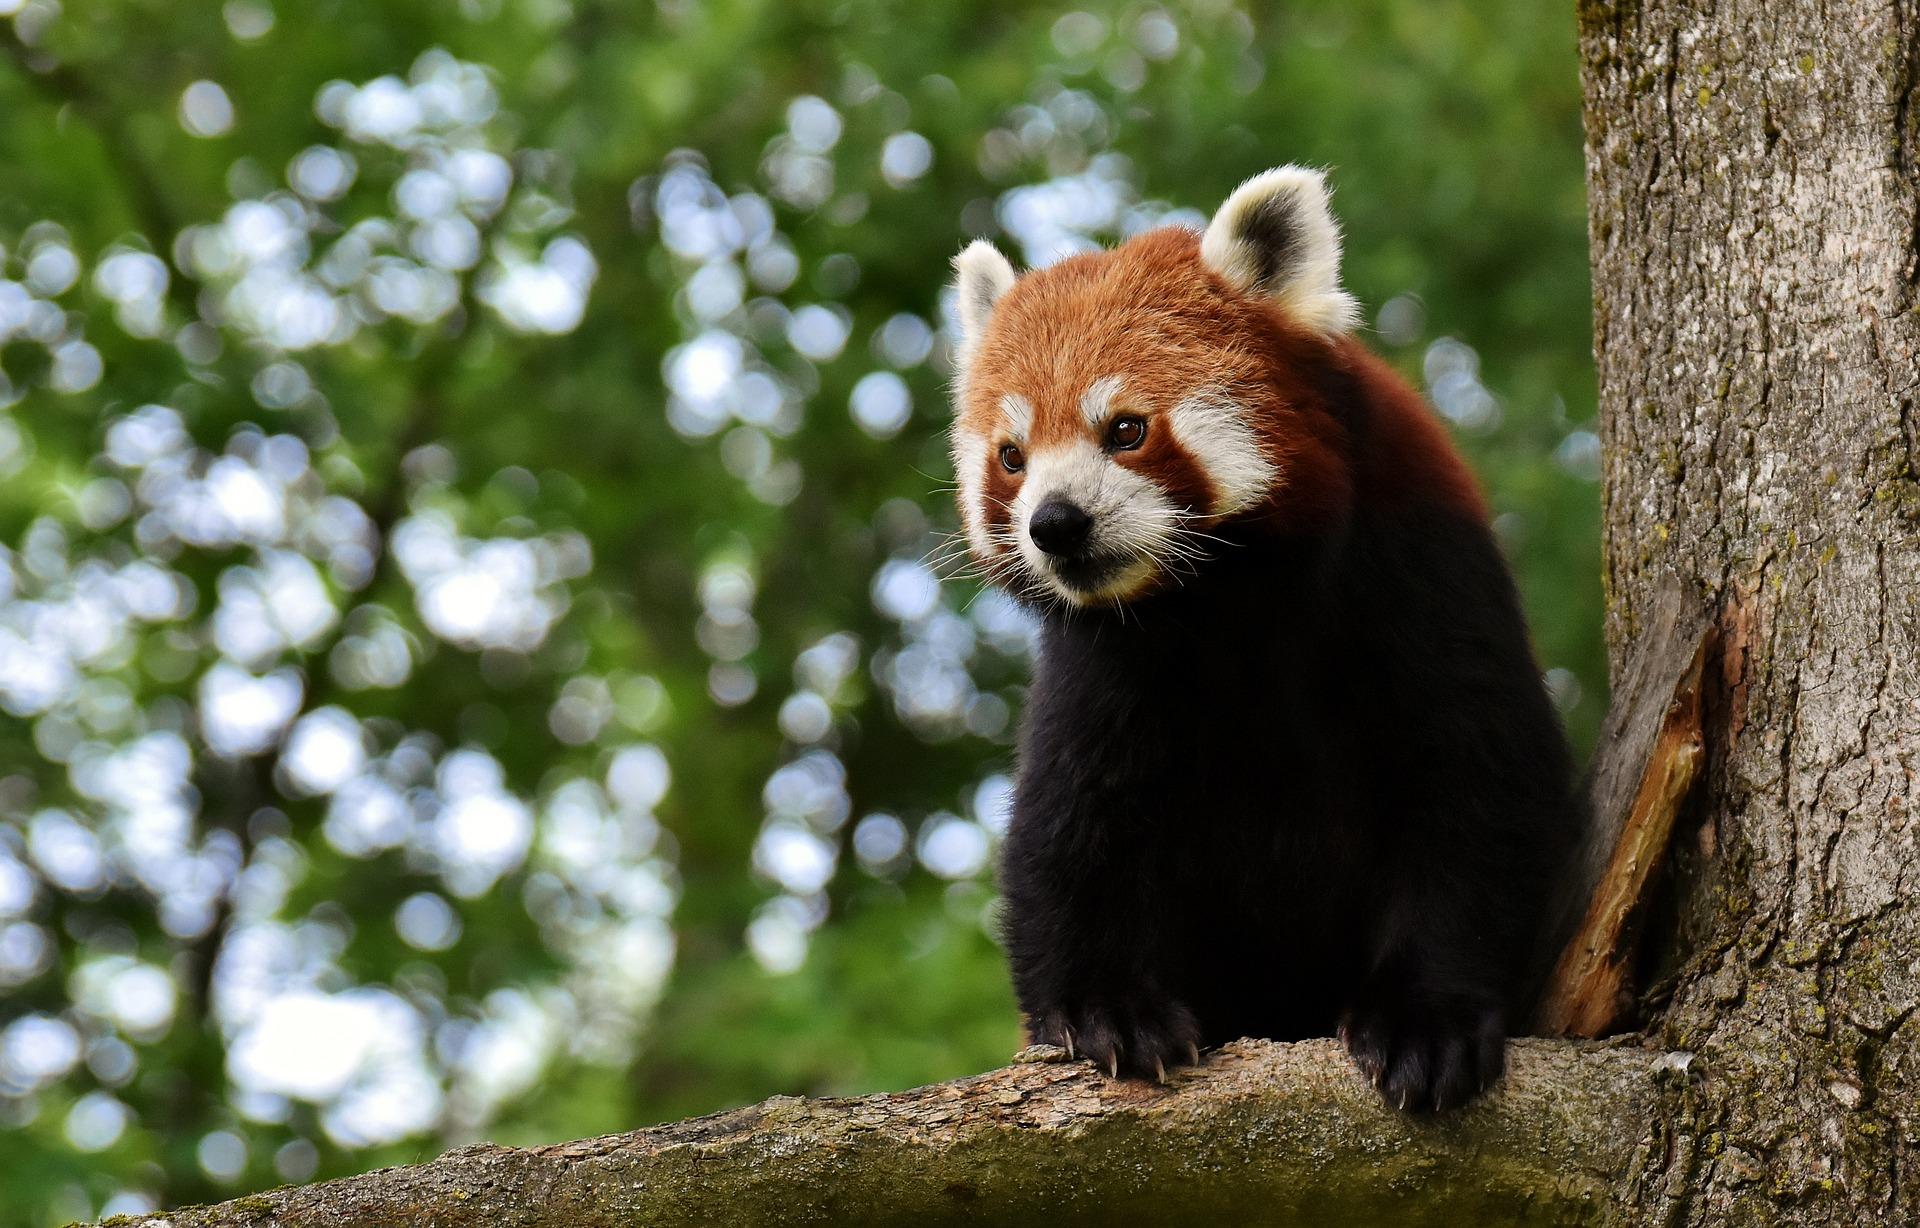 panda-3508116_1920.jpg